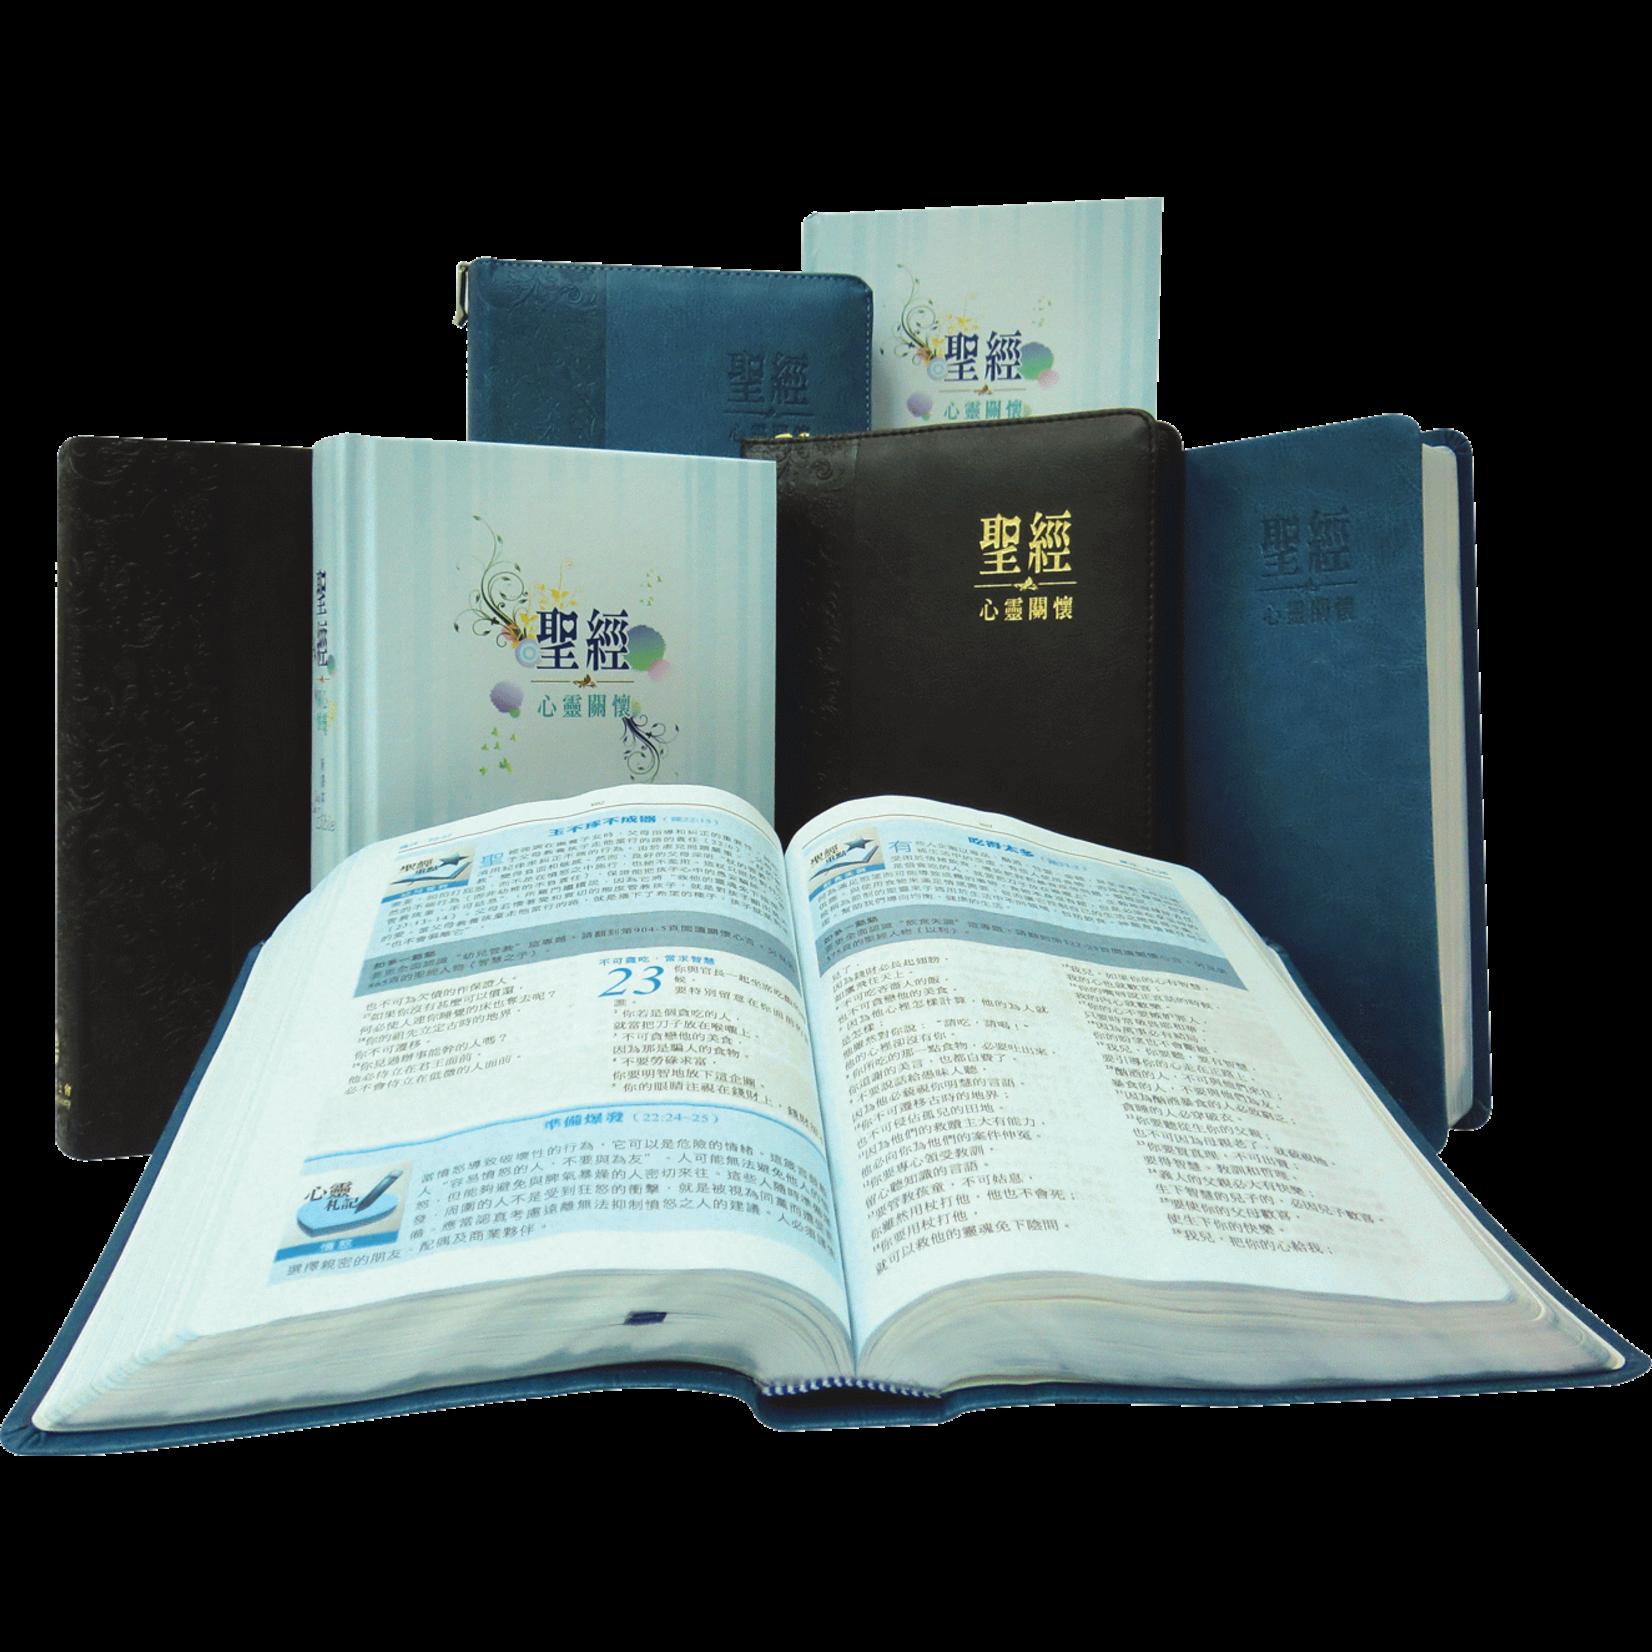 環球聖經公會 The Worldwide Bible Society 心靈關懷聖經:新譯本.標準裝.黑色儷皮金邊.繁體 CNV Soul Care Bible, Standard, Black Poly U Cover, Gold Edge